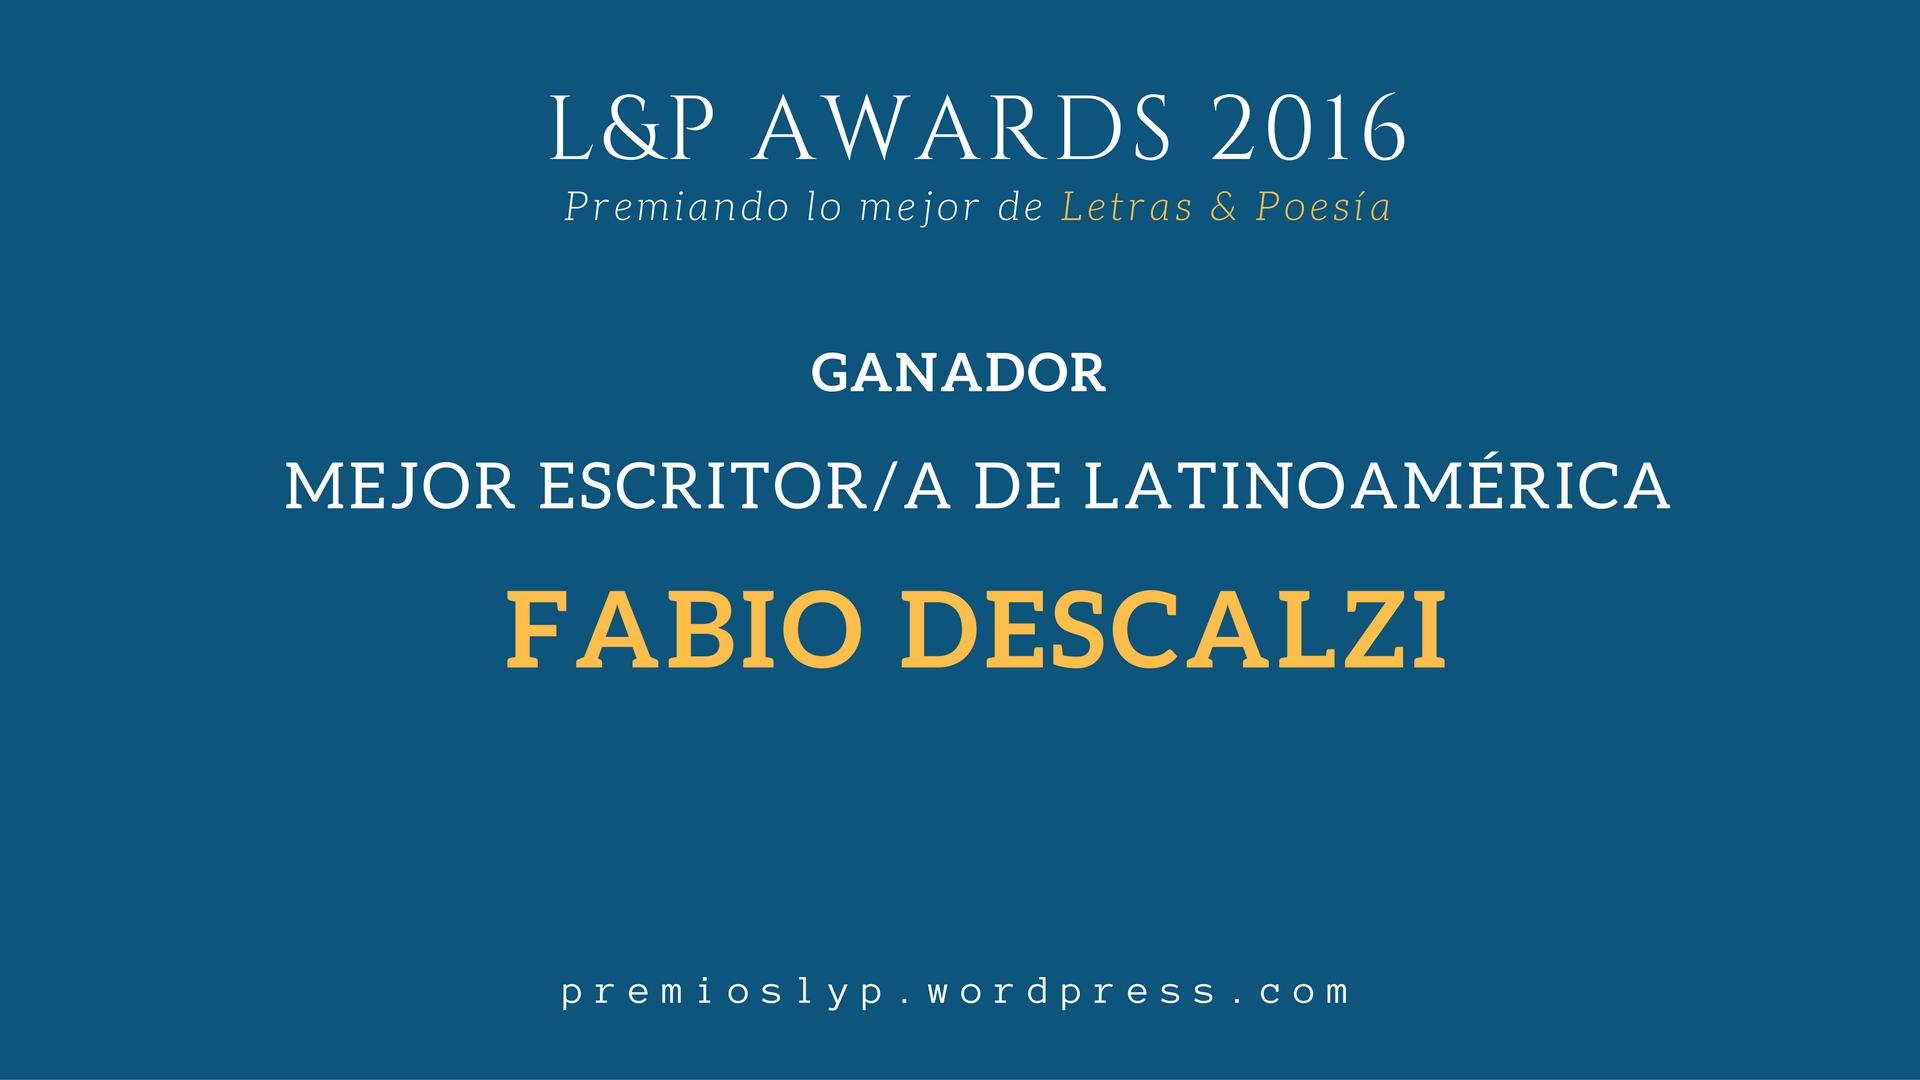 L&P-2016-LatAm